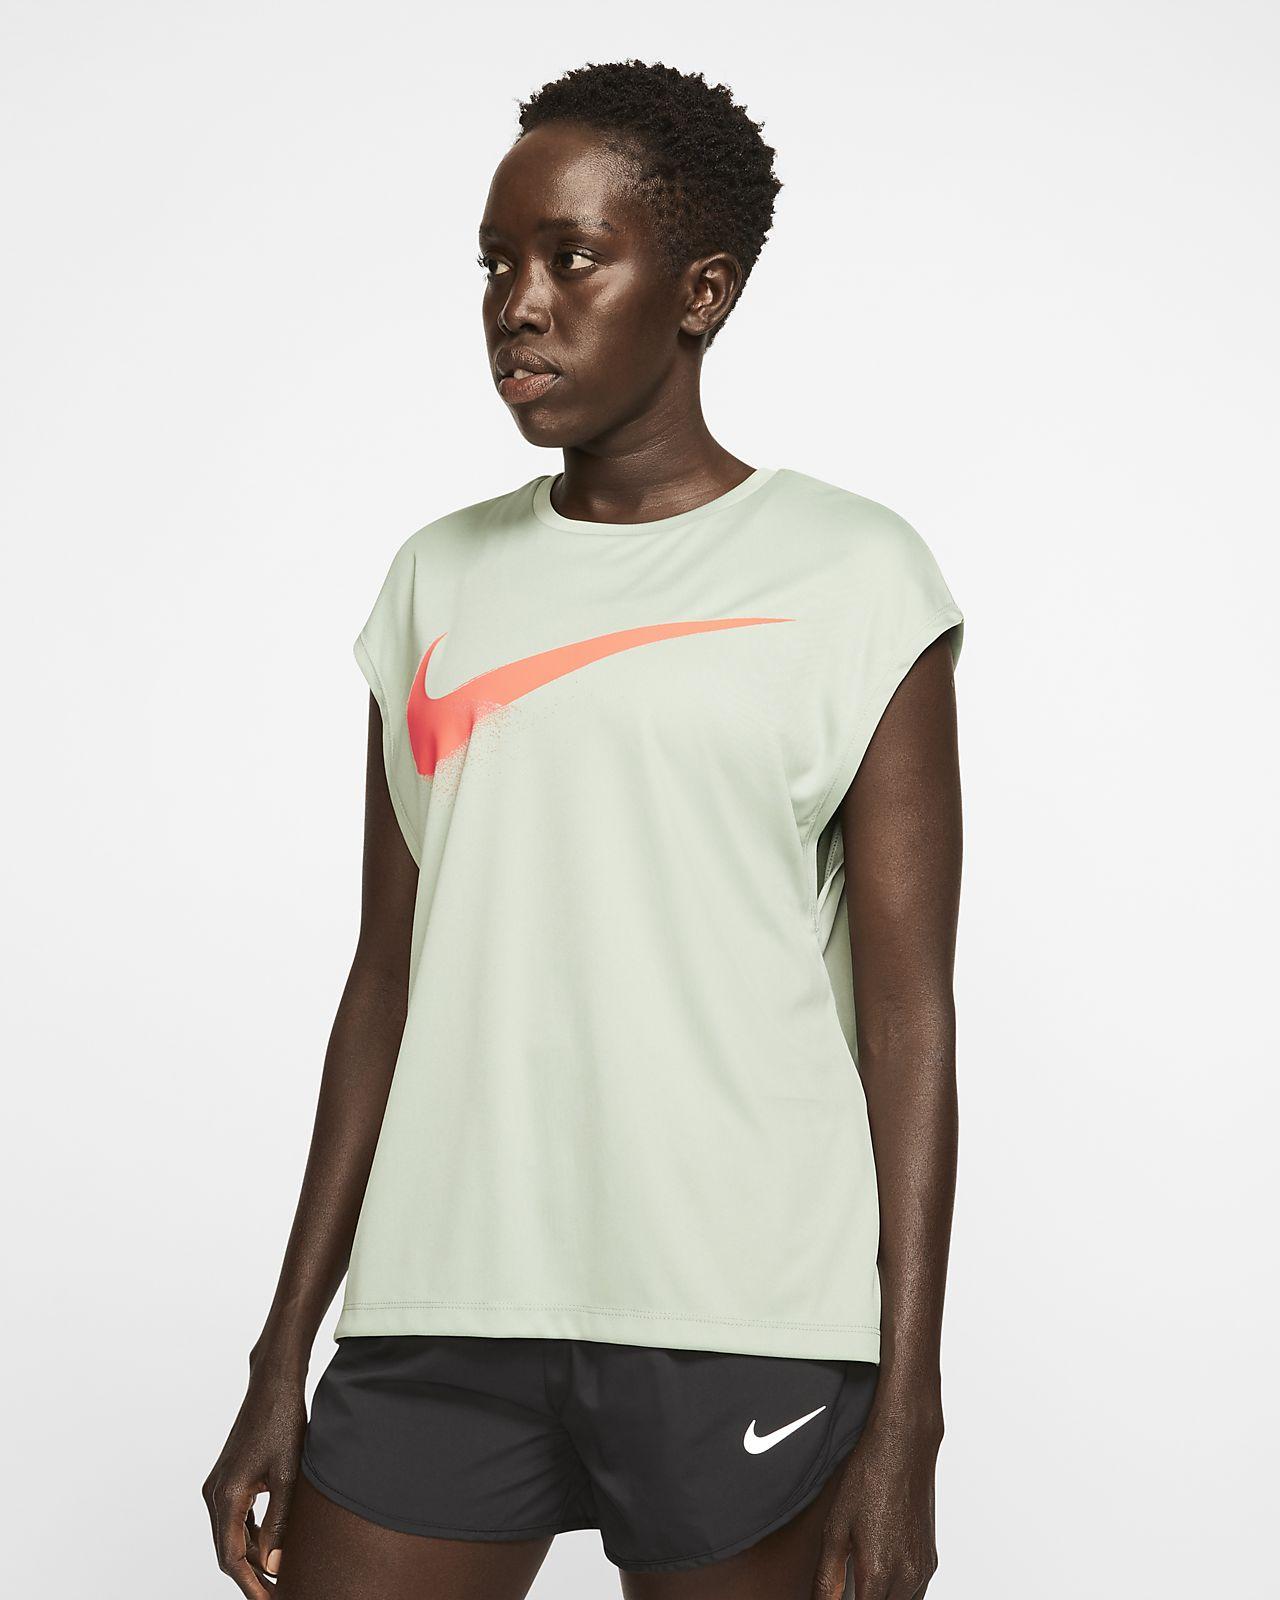 Nike Dri-FIT Women's Graphic Running Top